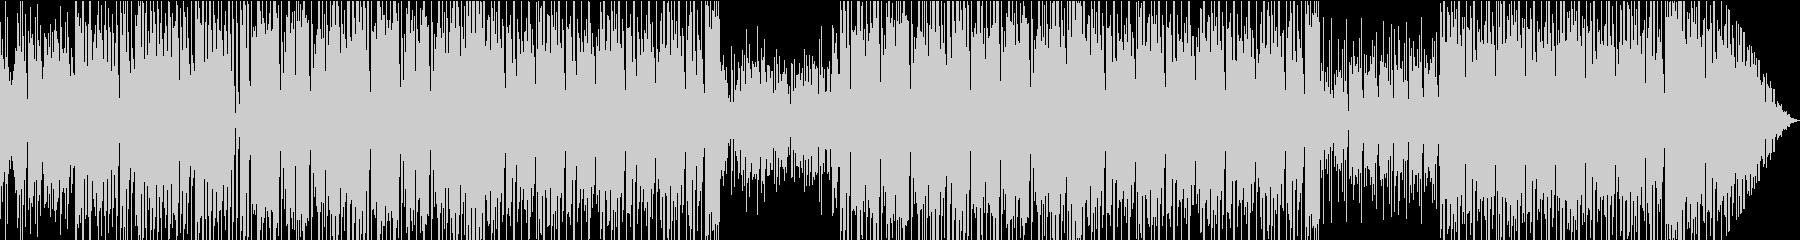 70'~80'年代のディスコ風12の未再生の波形